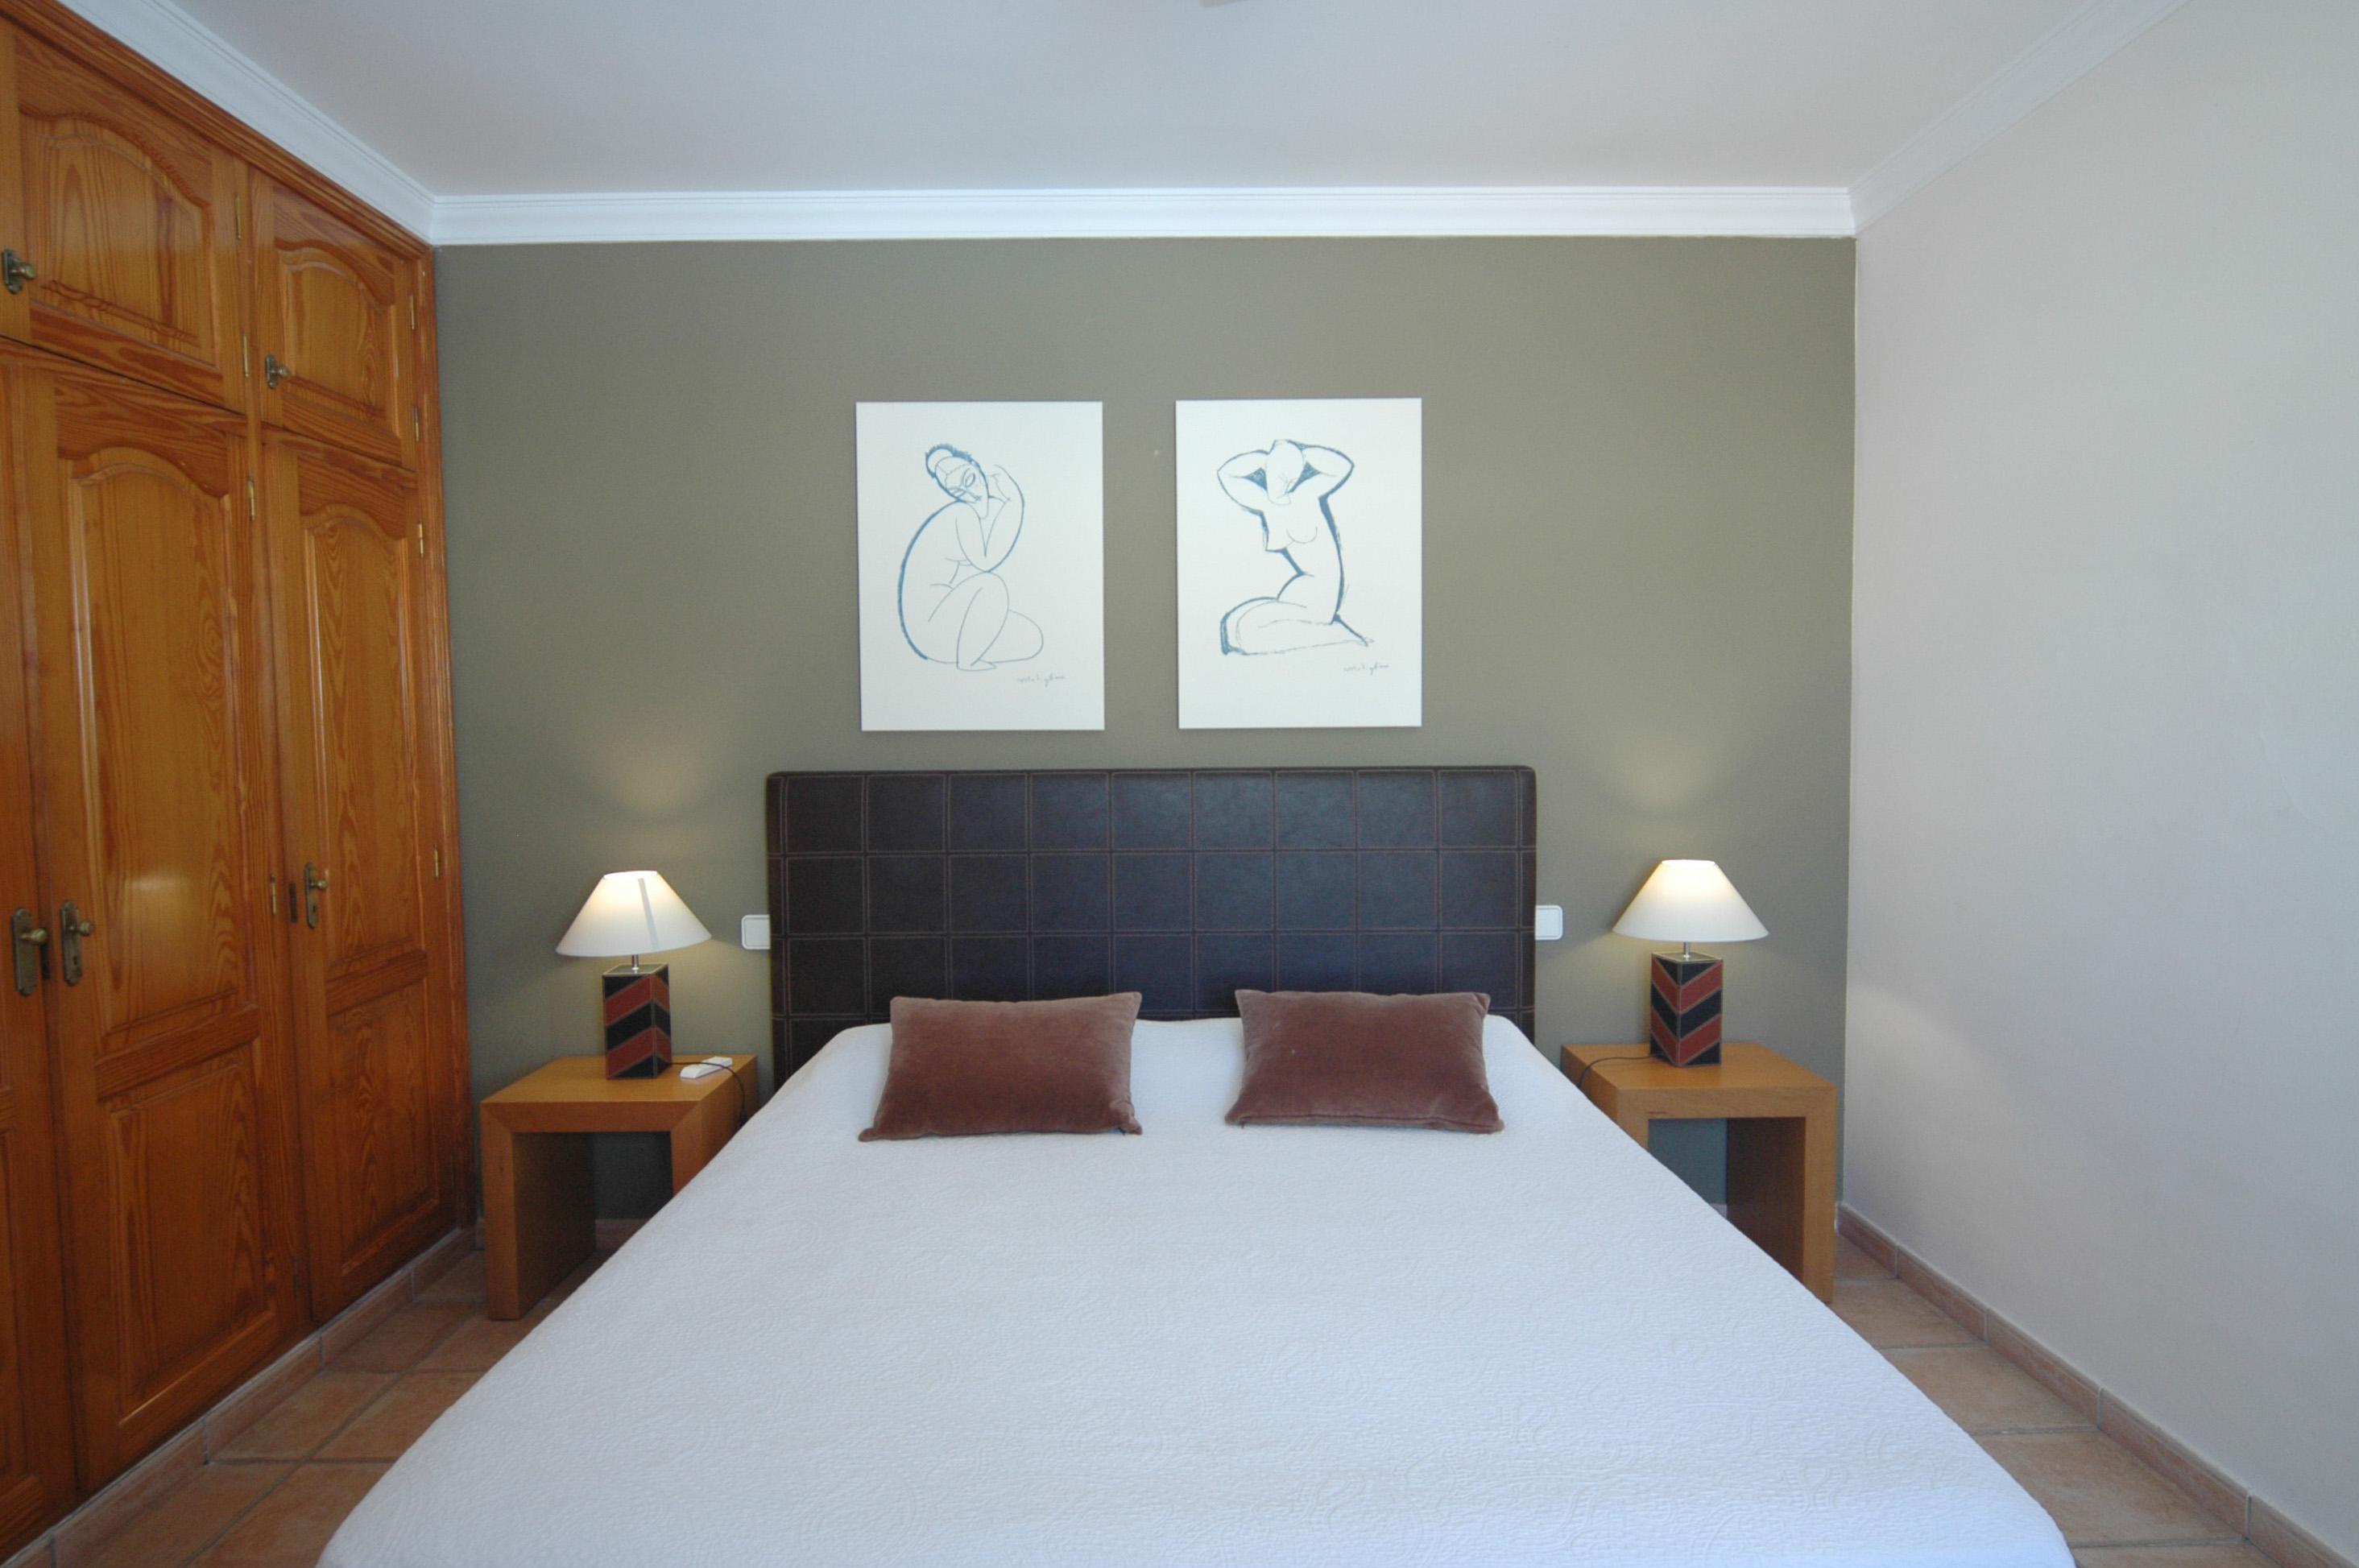 DSC 7104 EditedLVC311571 Main bedroom with en suite